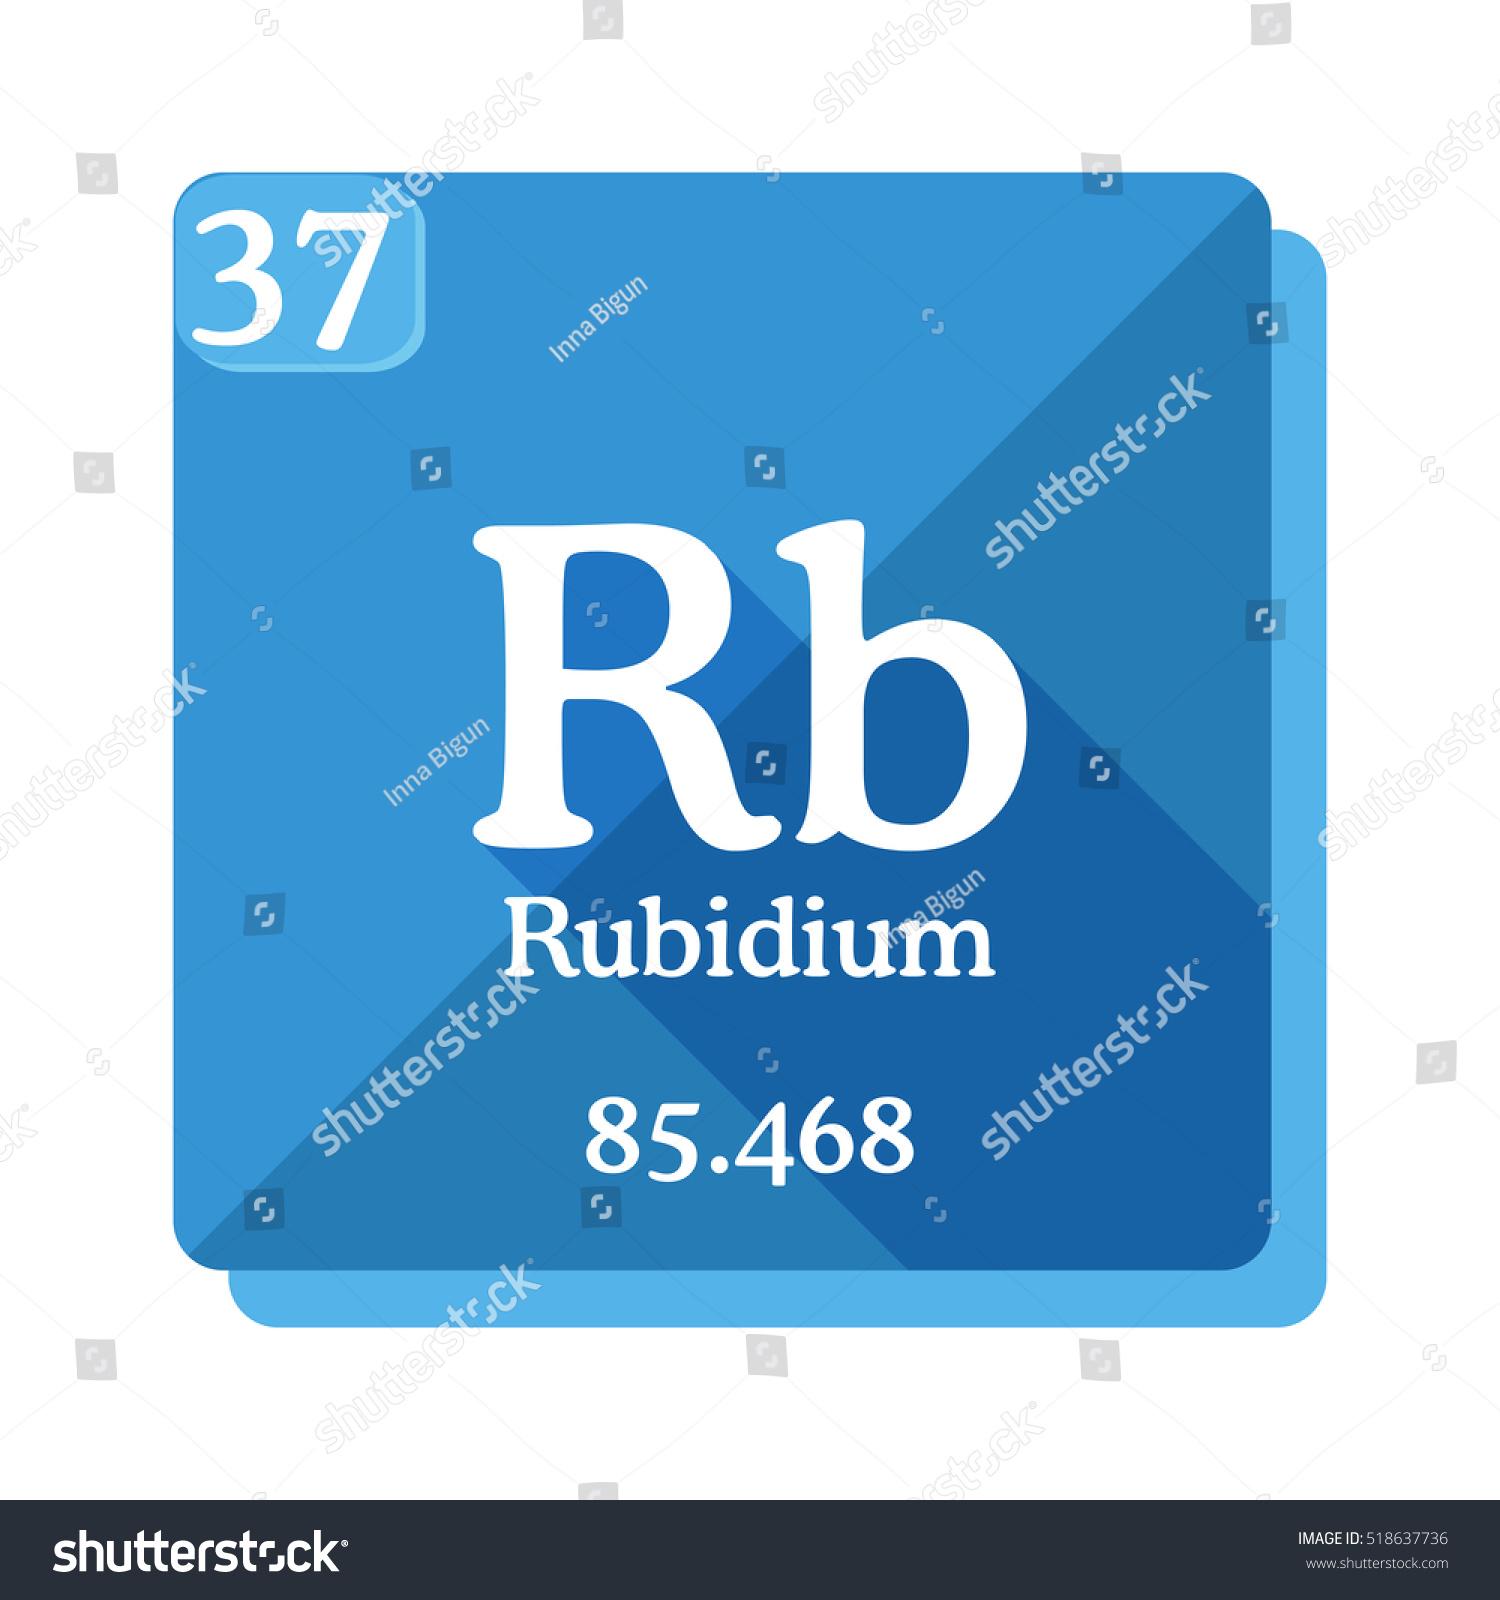 Rubidium periodic table choice image periodic table images rubidium rb element periodic table flat stock vector 518637736 rubidium rb element of the periodic table gamestrikefo Gallery